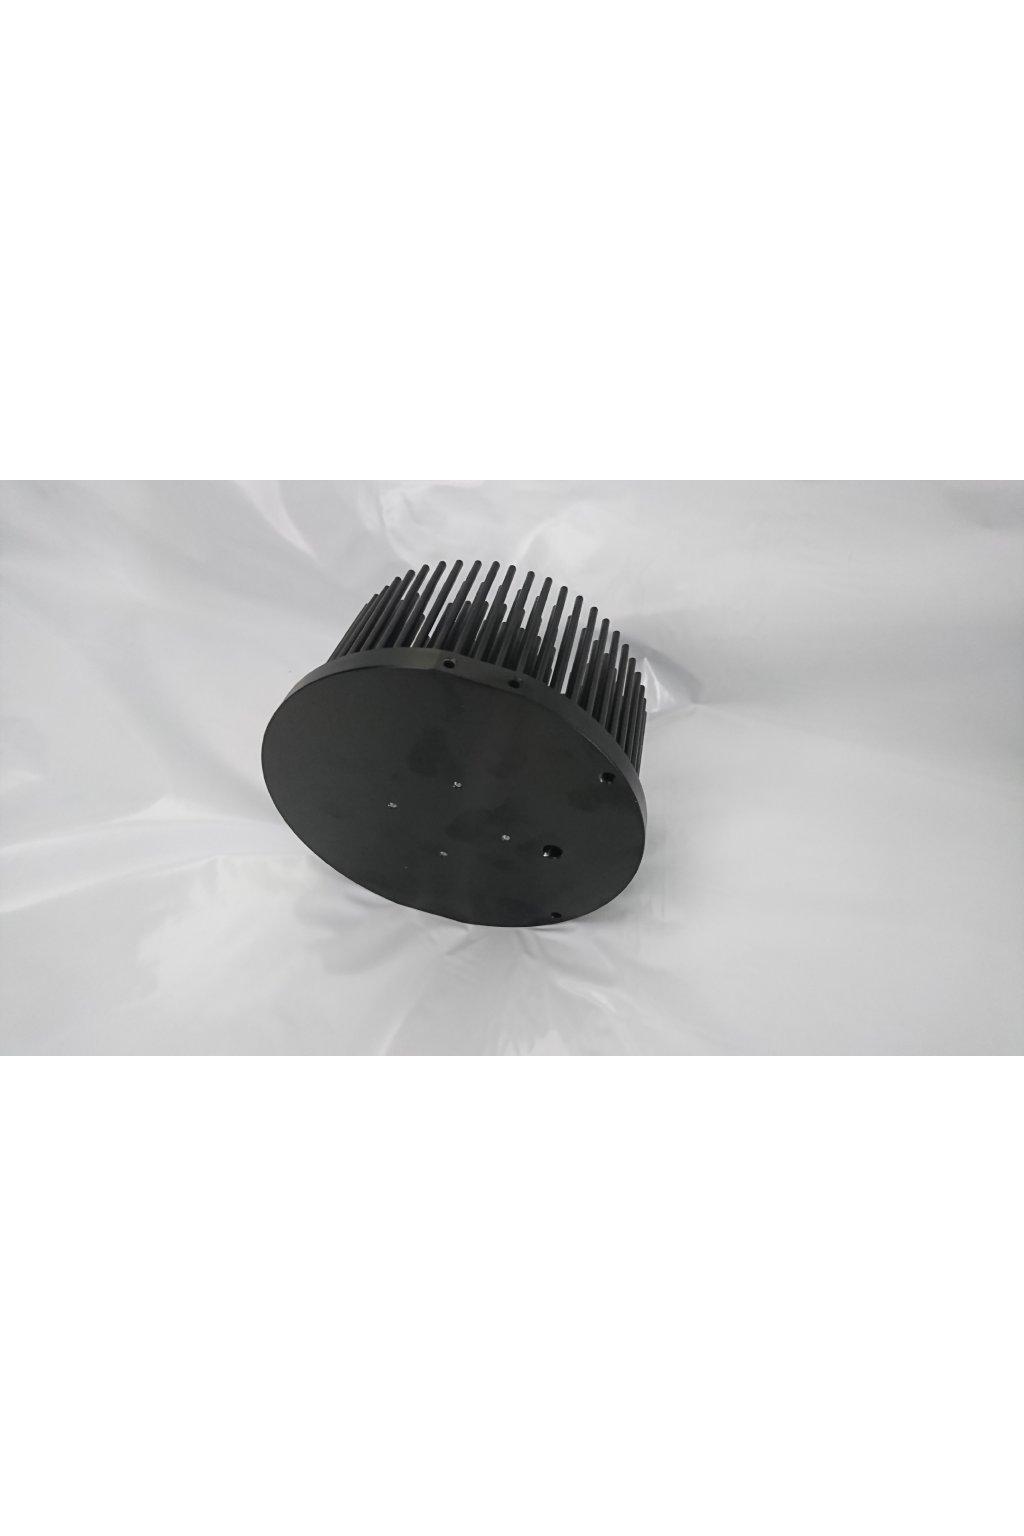 chliníkový chladič 140mm